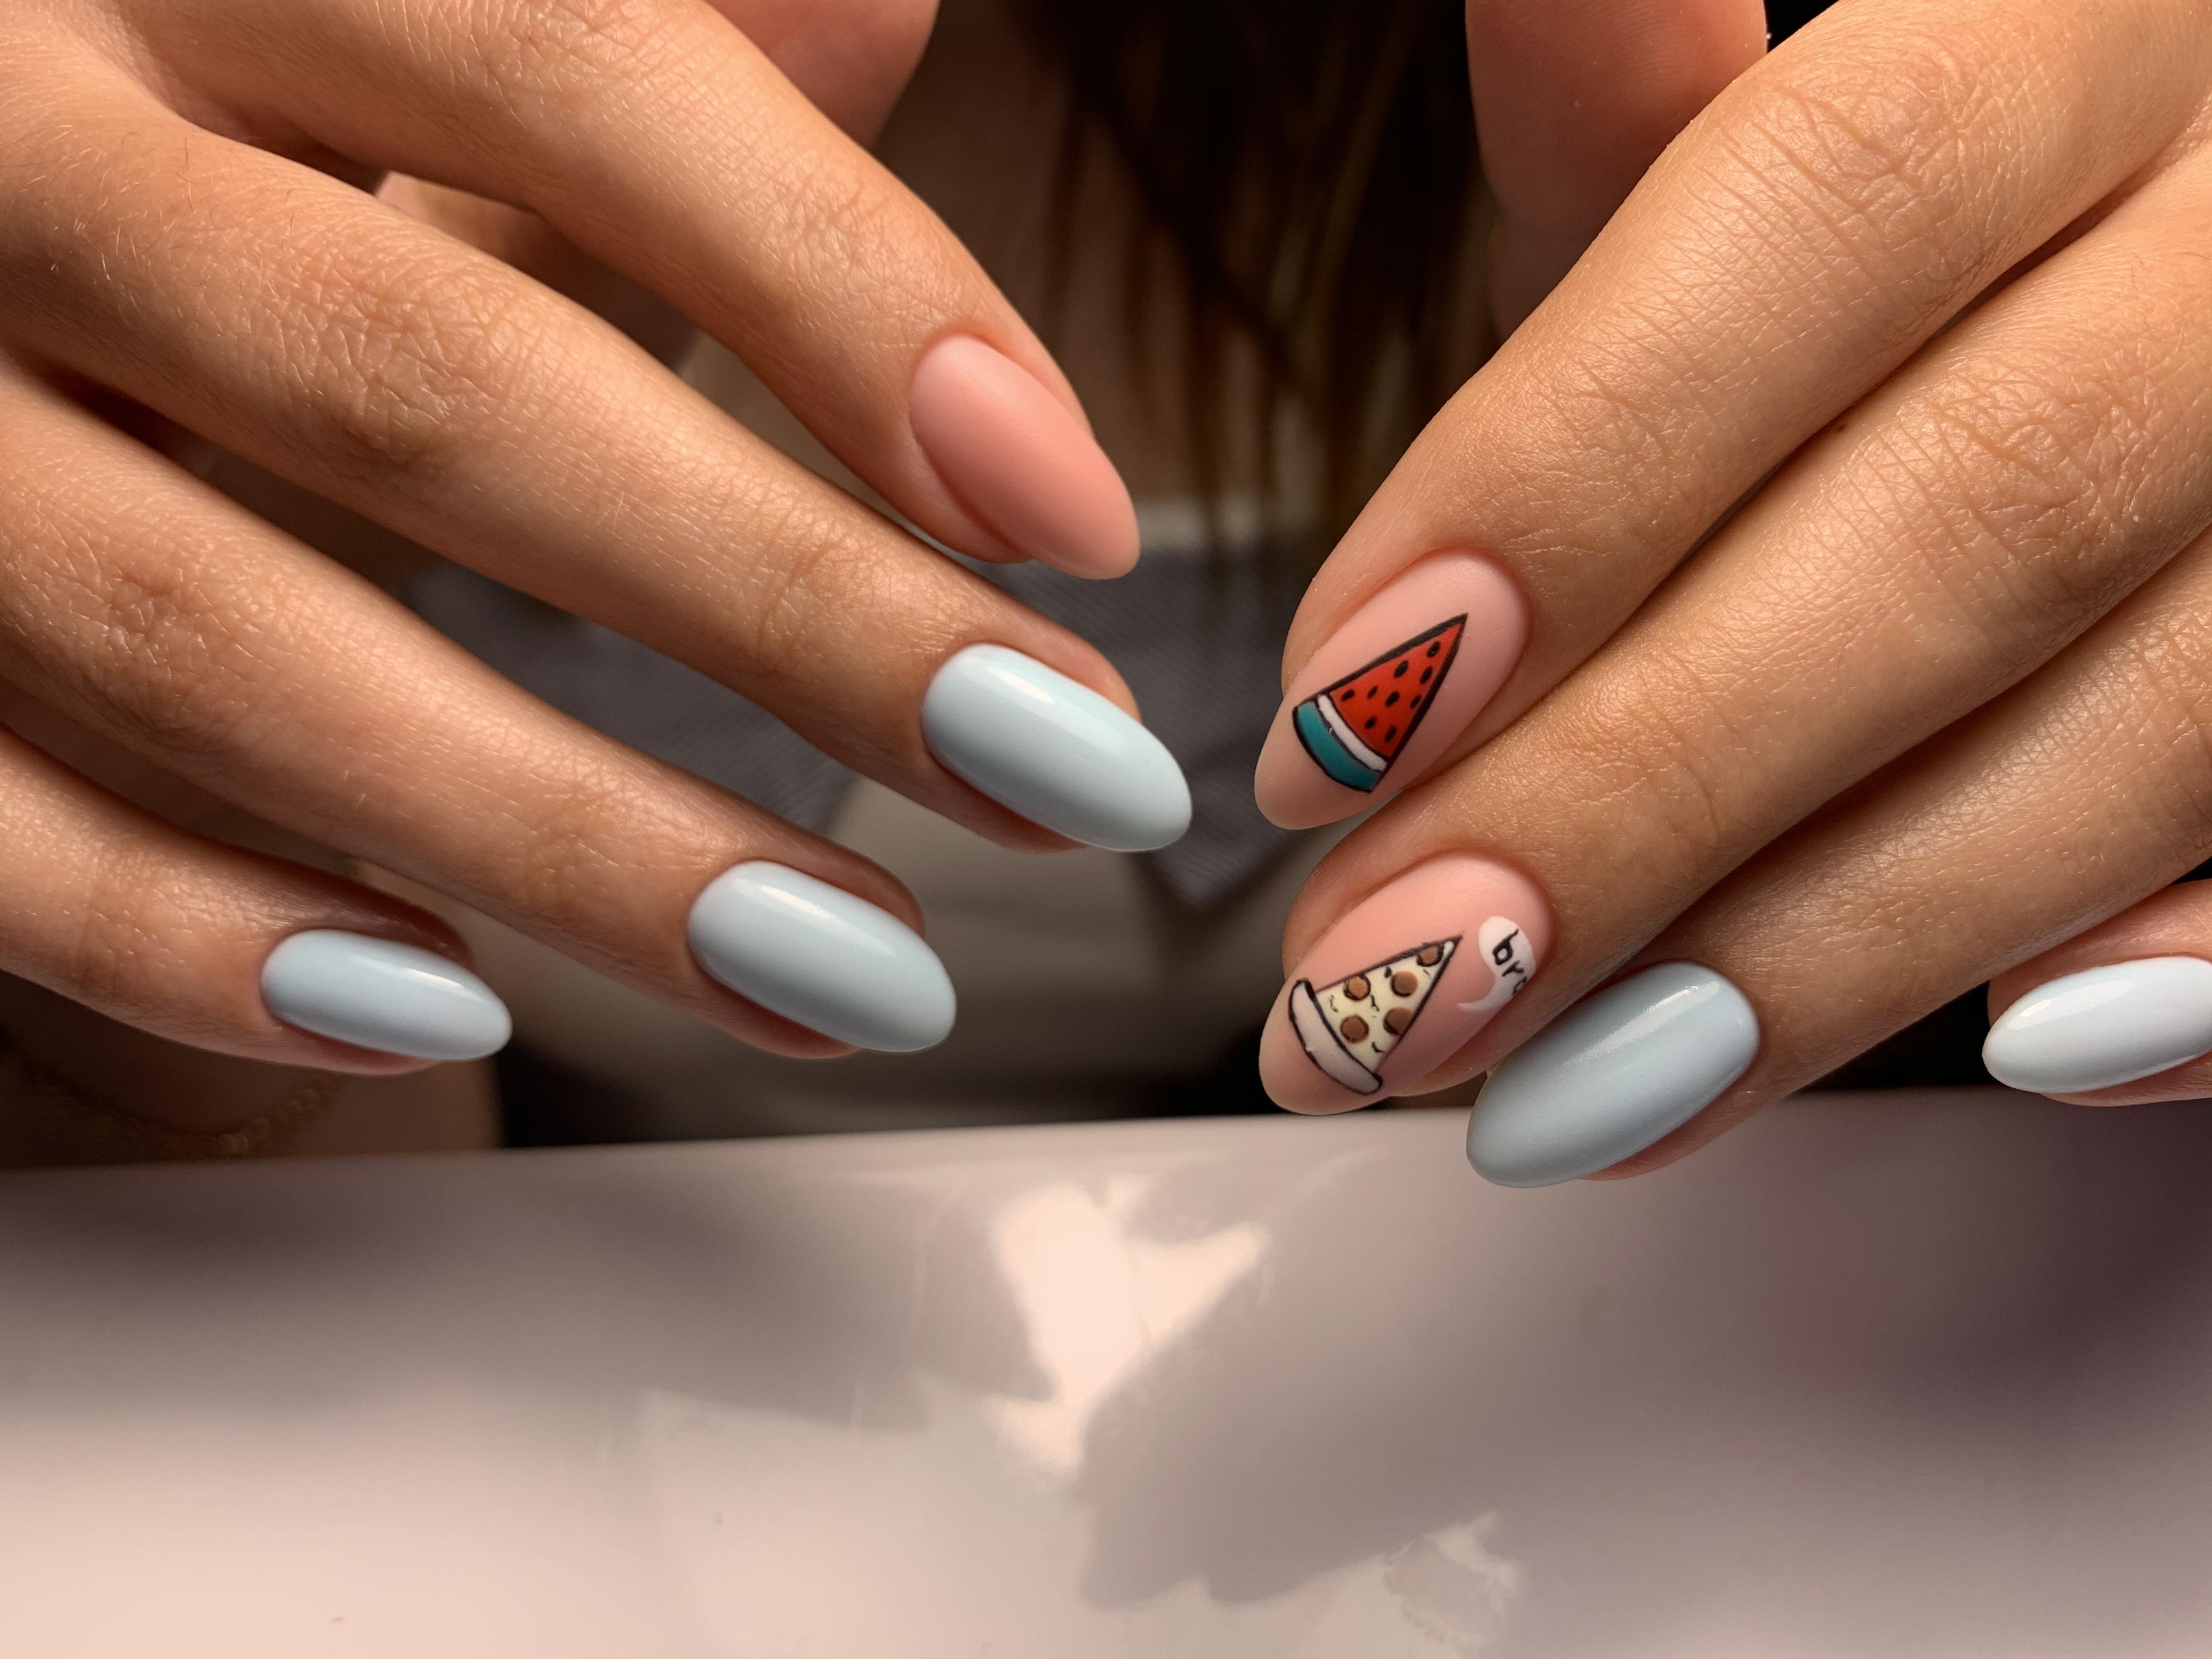 Маникюр с рисунком в голубом цвете на длинные ногти.